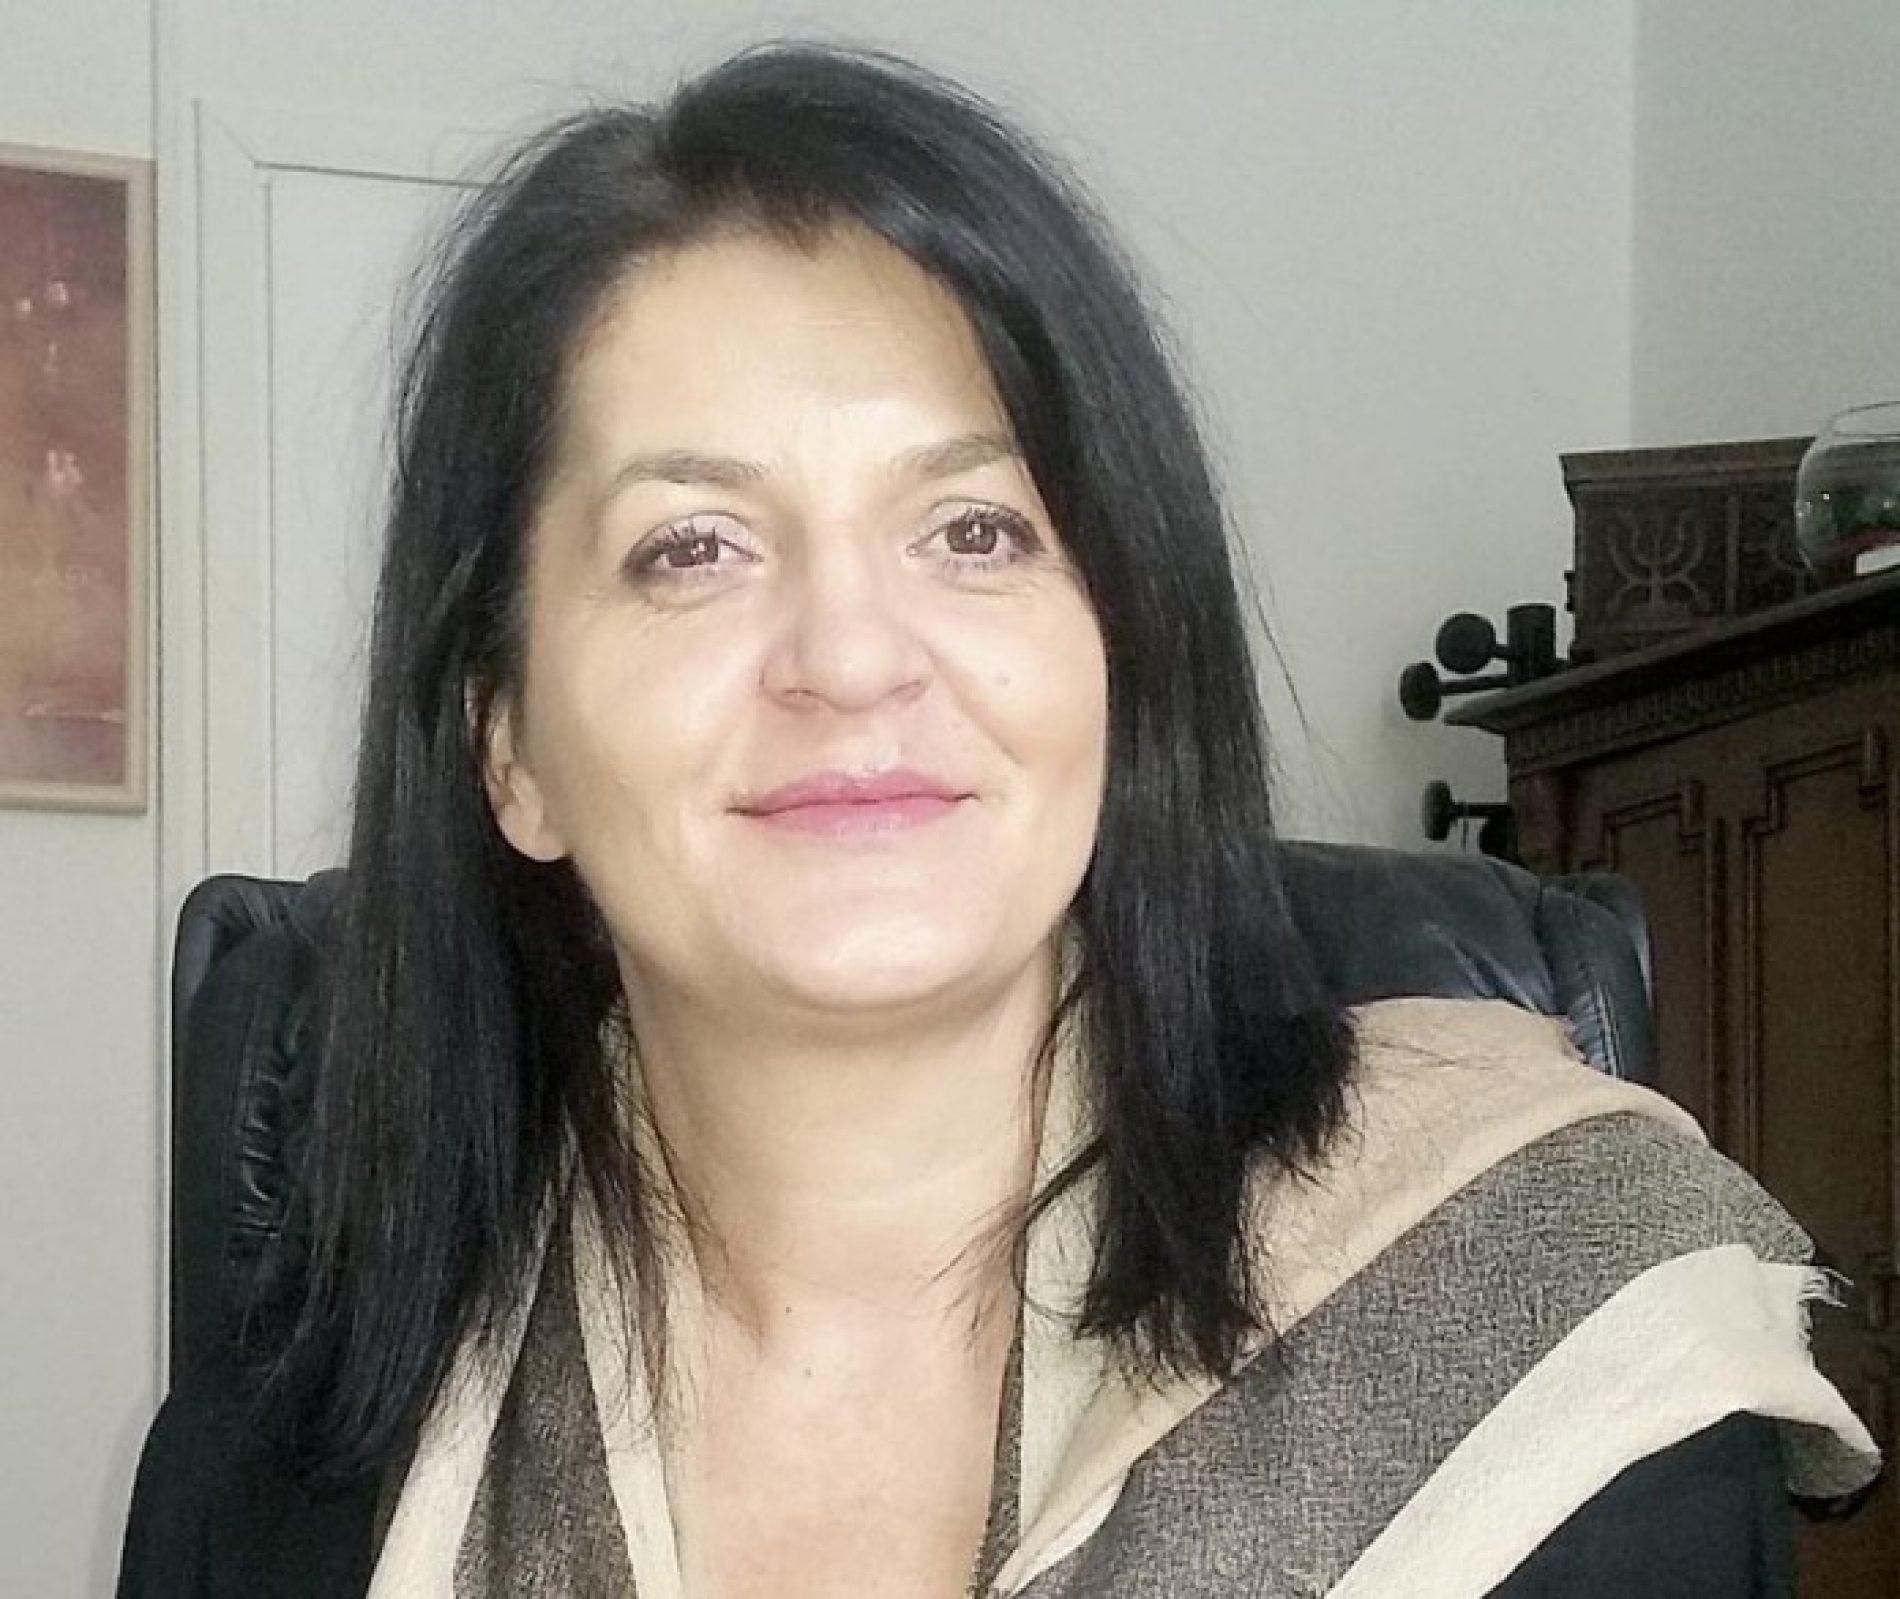 Dženana Karup-Druško: Da nema presuda međunarodnih sudova, bili bismo u situaciji da nam govore da su svi bili isti, da je bio građanski rat